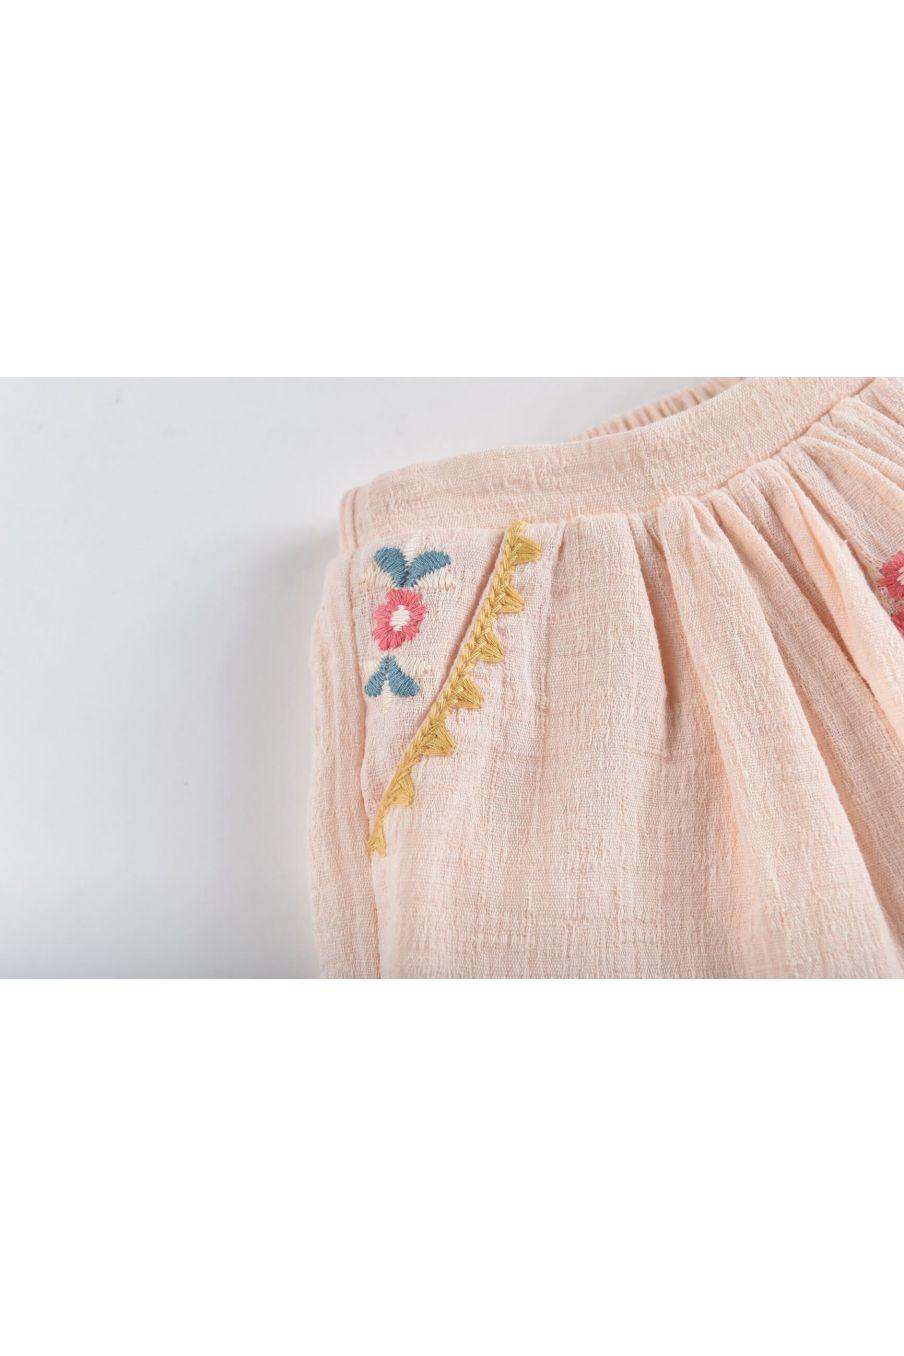 boheme chic vintage jupe bébé fille riola blush